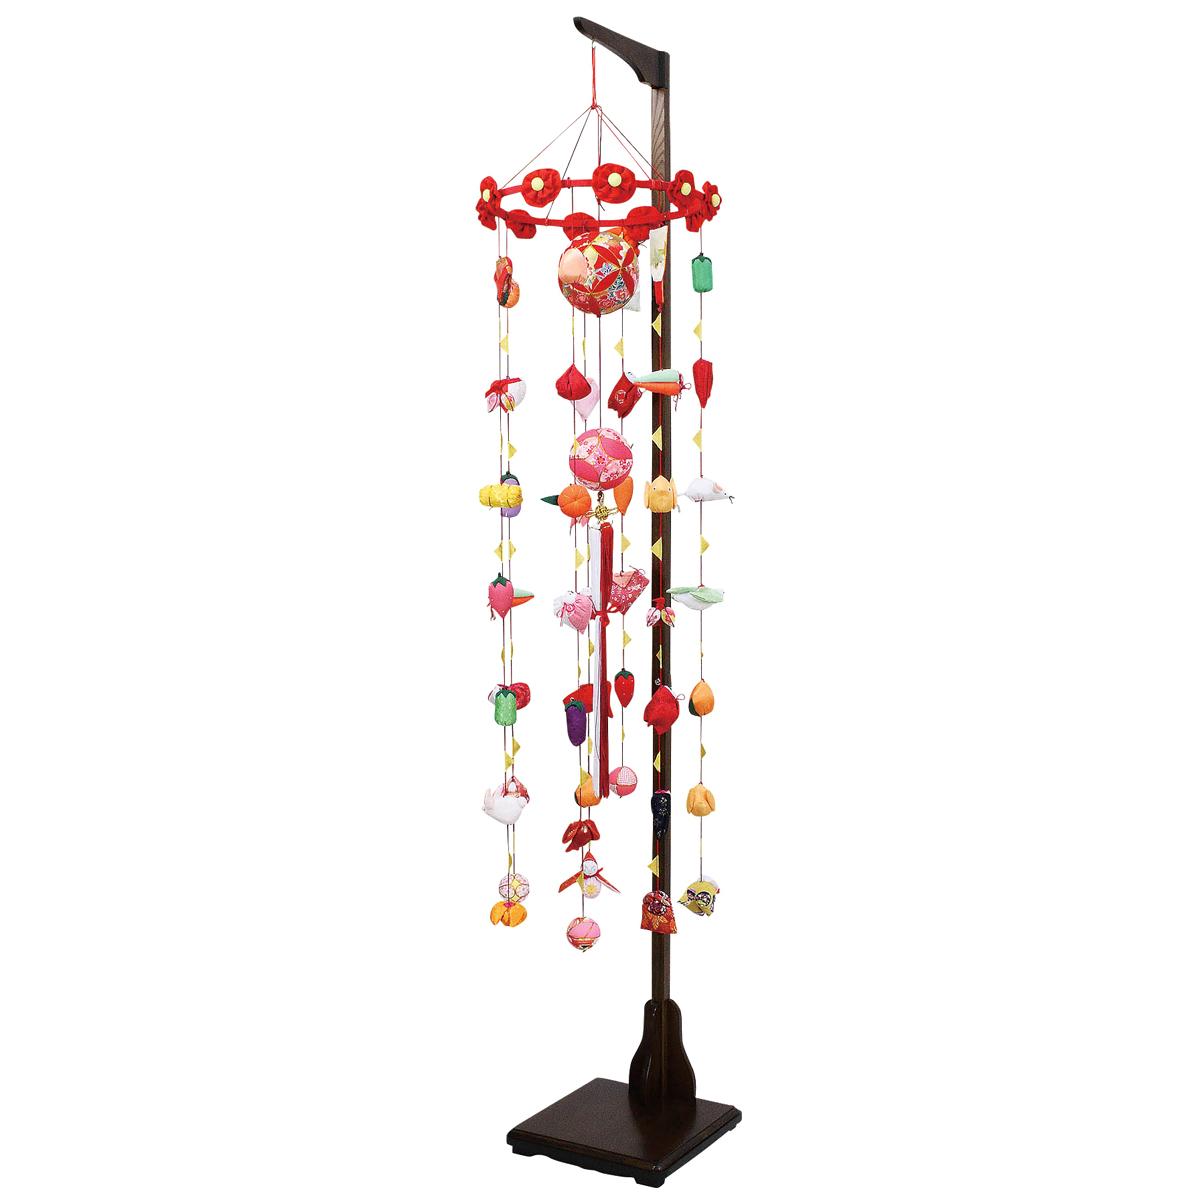 つるし雛 吊るし飾り まり飾り 大 吊り台付き TRS-F-4C62-AA-522 [P20]